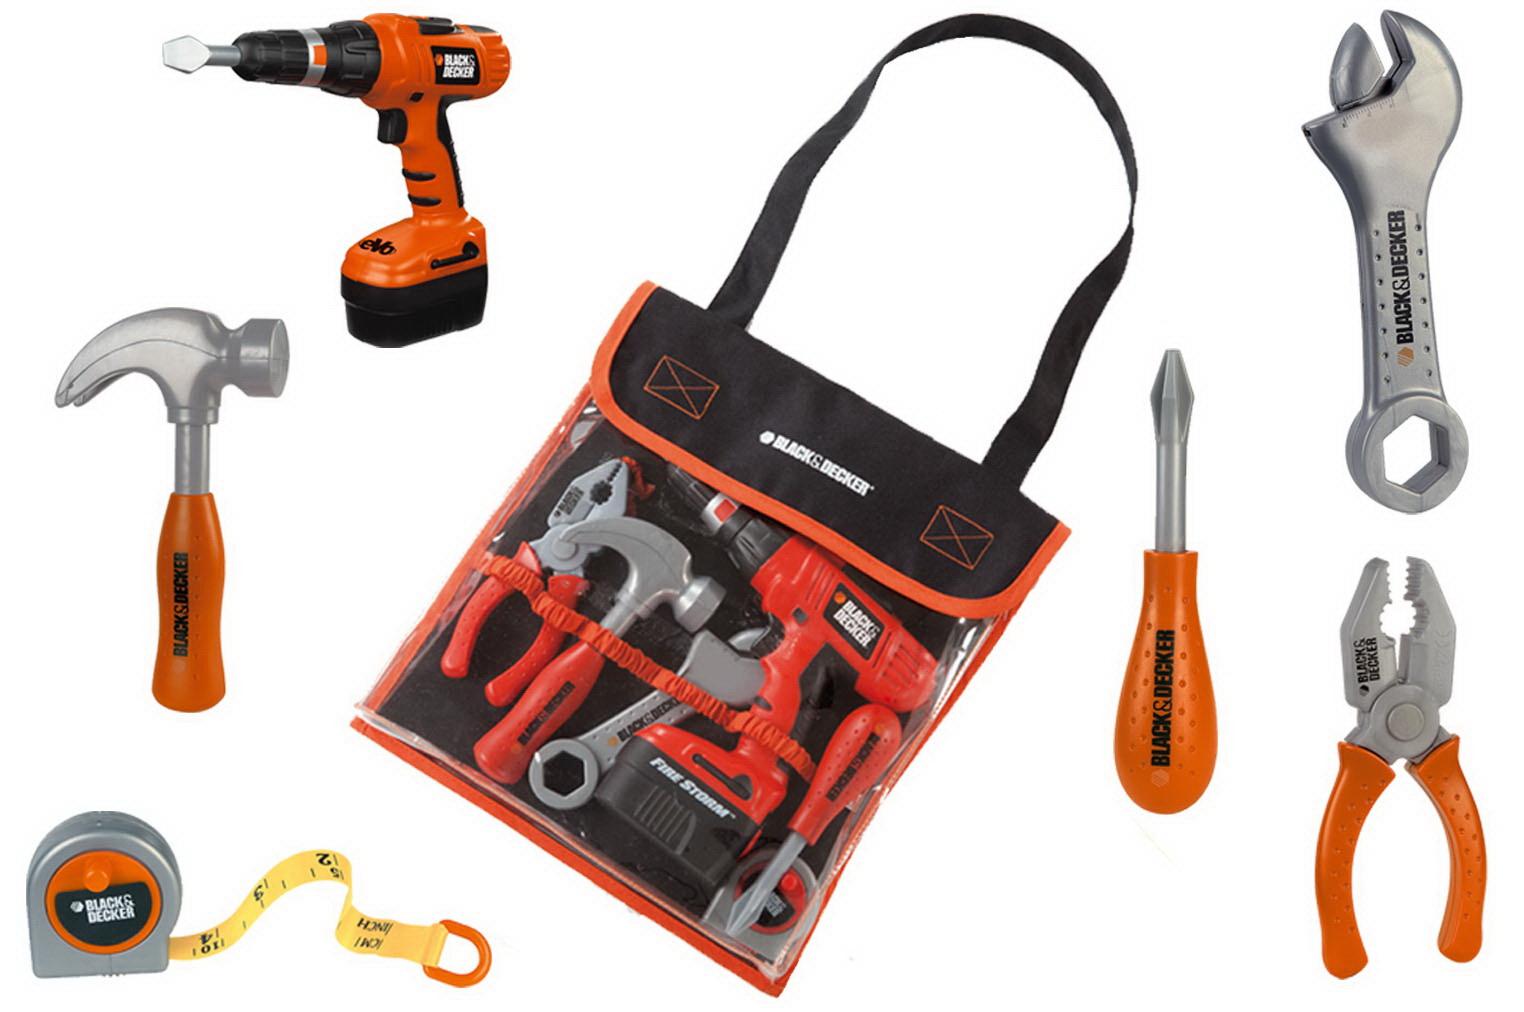 Детские инструменты в сумочкеДетские мастерские, инструменты<br>Прекрасная сумочка с детскими инструментами идеально подойдет начинающему папиному помощнику...<br>